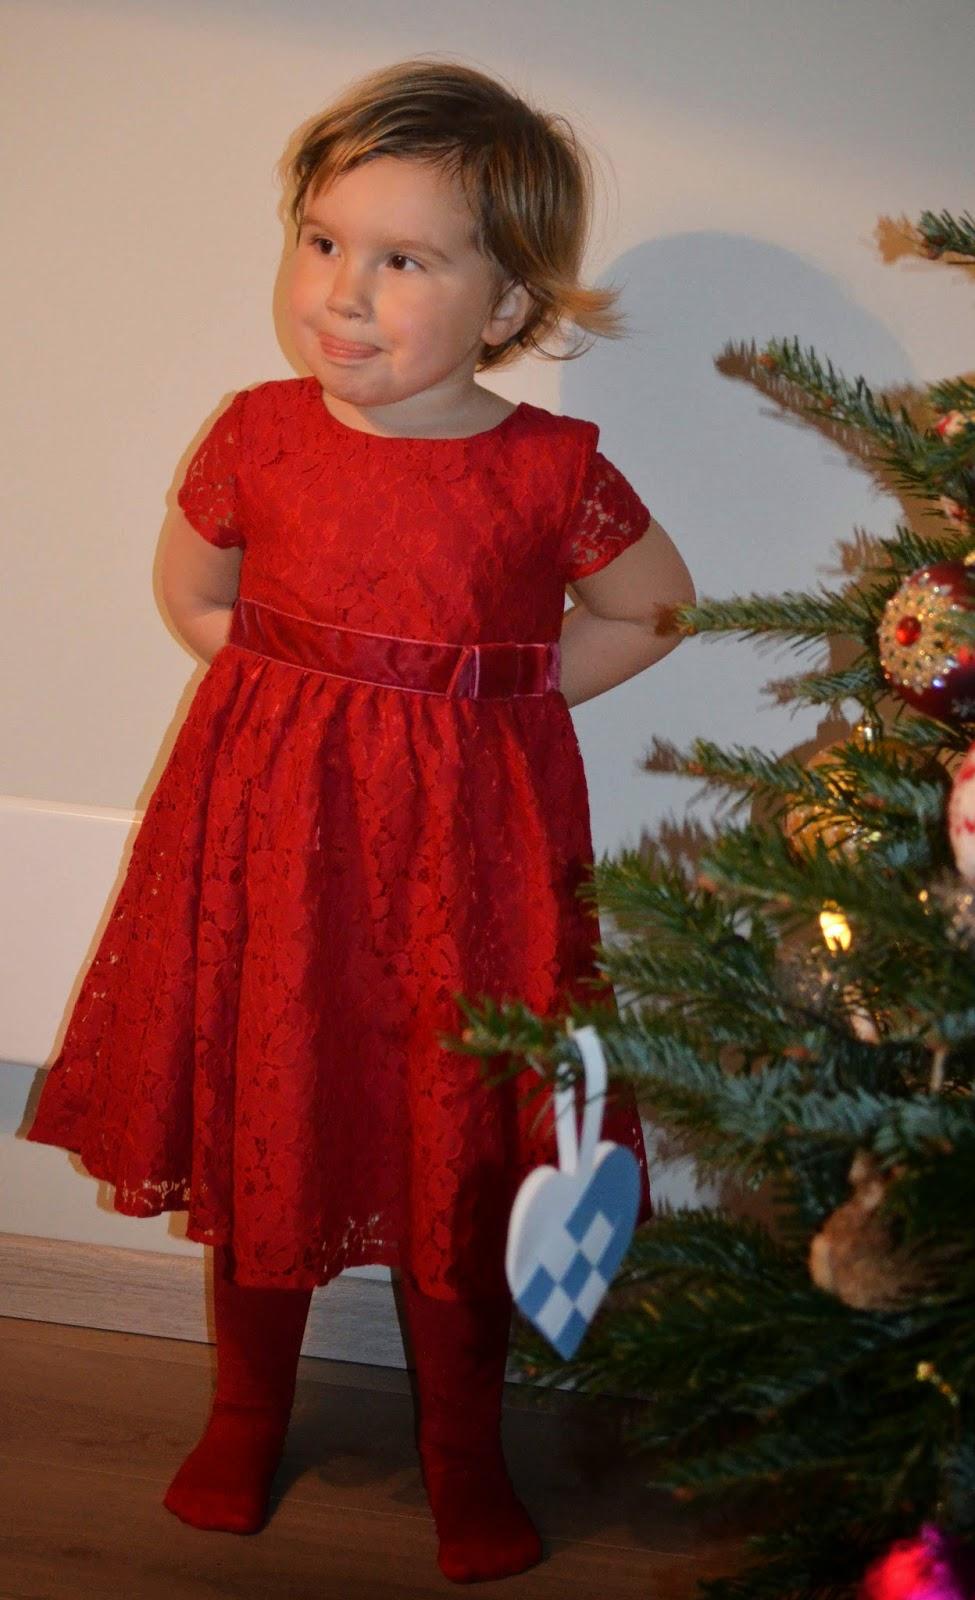 julegaven til svigermor